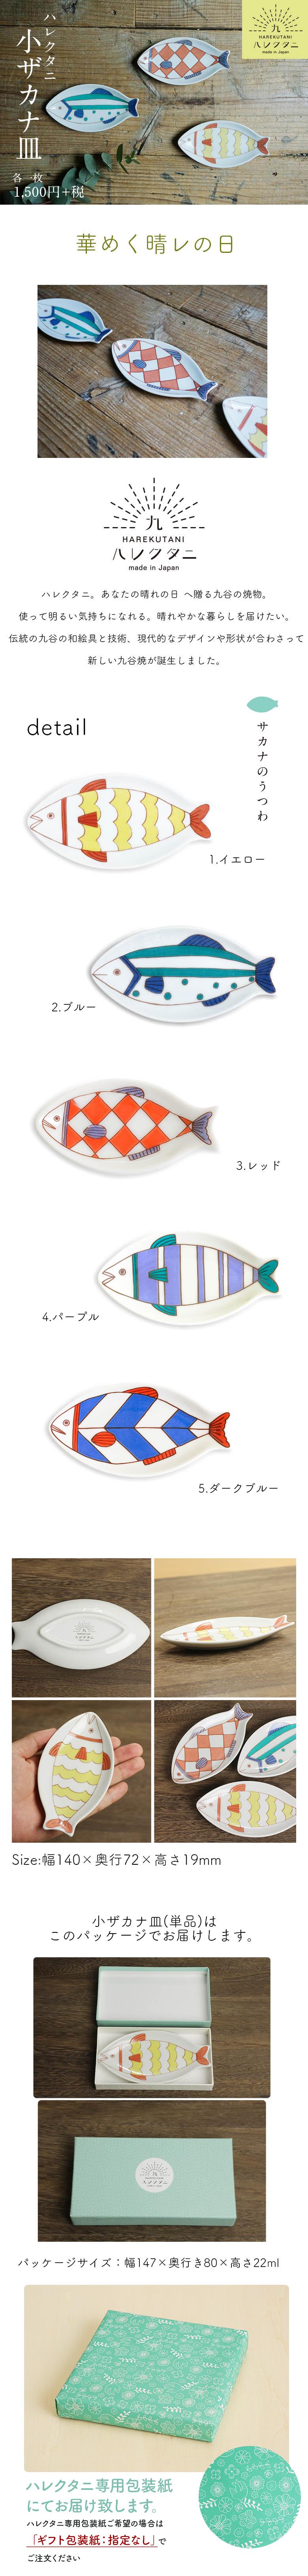 【九谷焼】小ザカナ皿/ハレクタニ